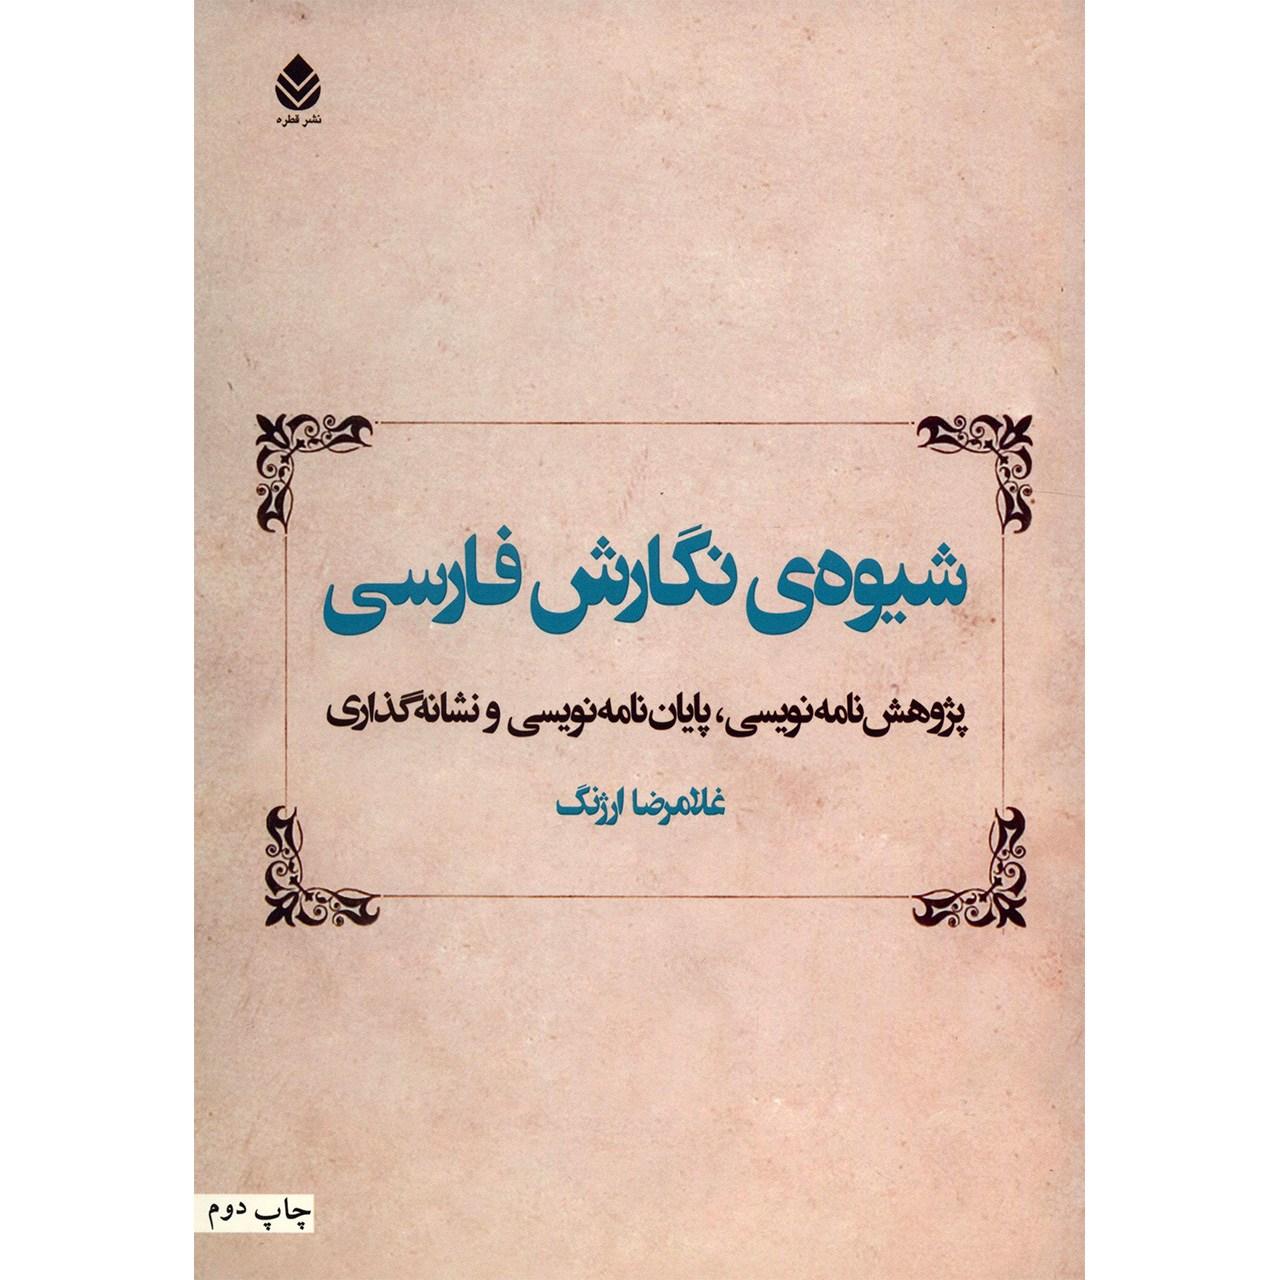 خرید                      کتاب شیوه نگارش فارسی اثر غلامرضا ارژنگ